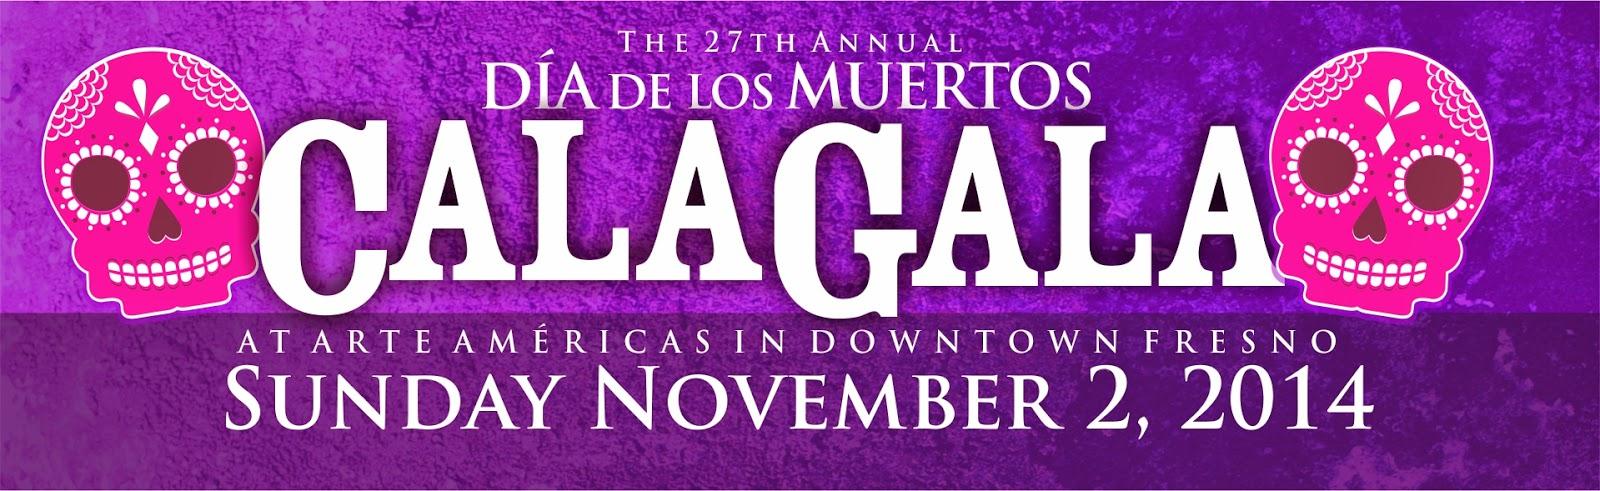 http://arteamericas.blogspot.com/2014/10/fresno-dia-de-los-muertos-calagala-arte.html